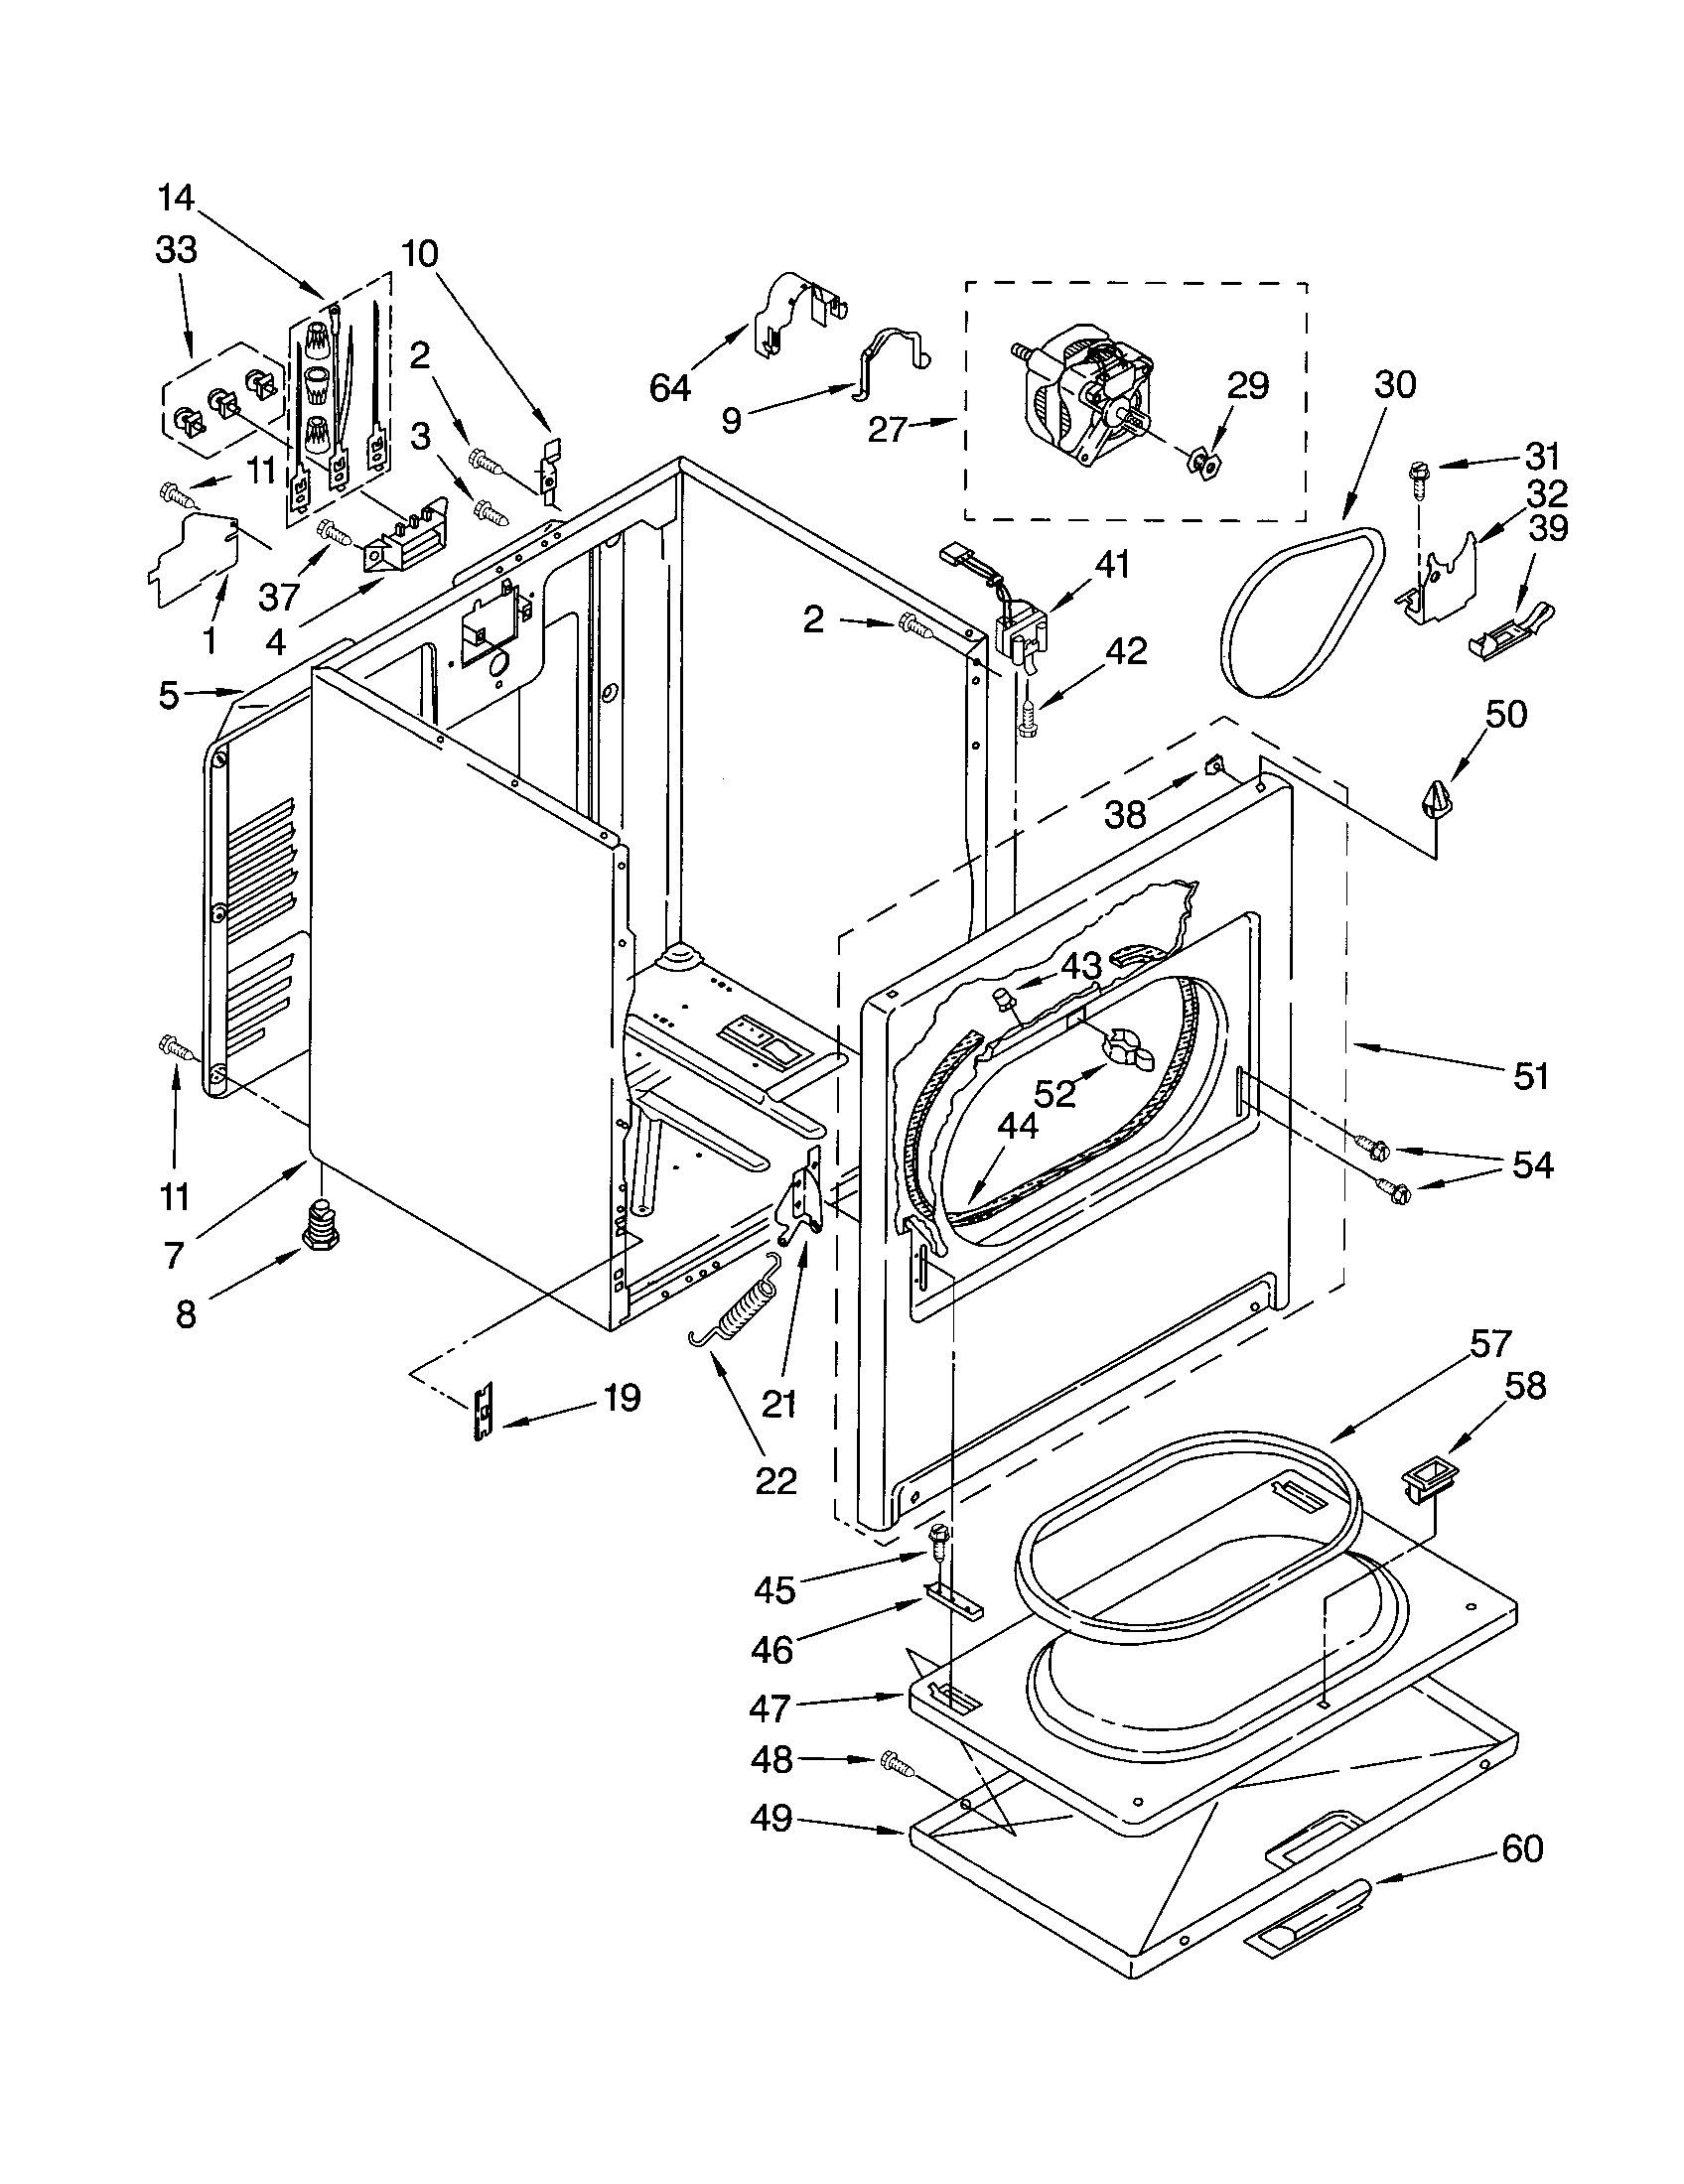 Kenmore Dryer Wiring Diagram Kenmore Oasis Dryer Wiring Diagram Best - Wiring  diagram for kenmore dryer